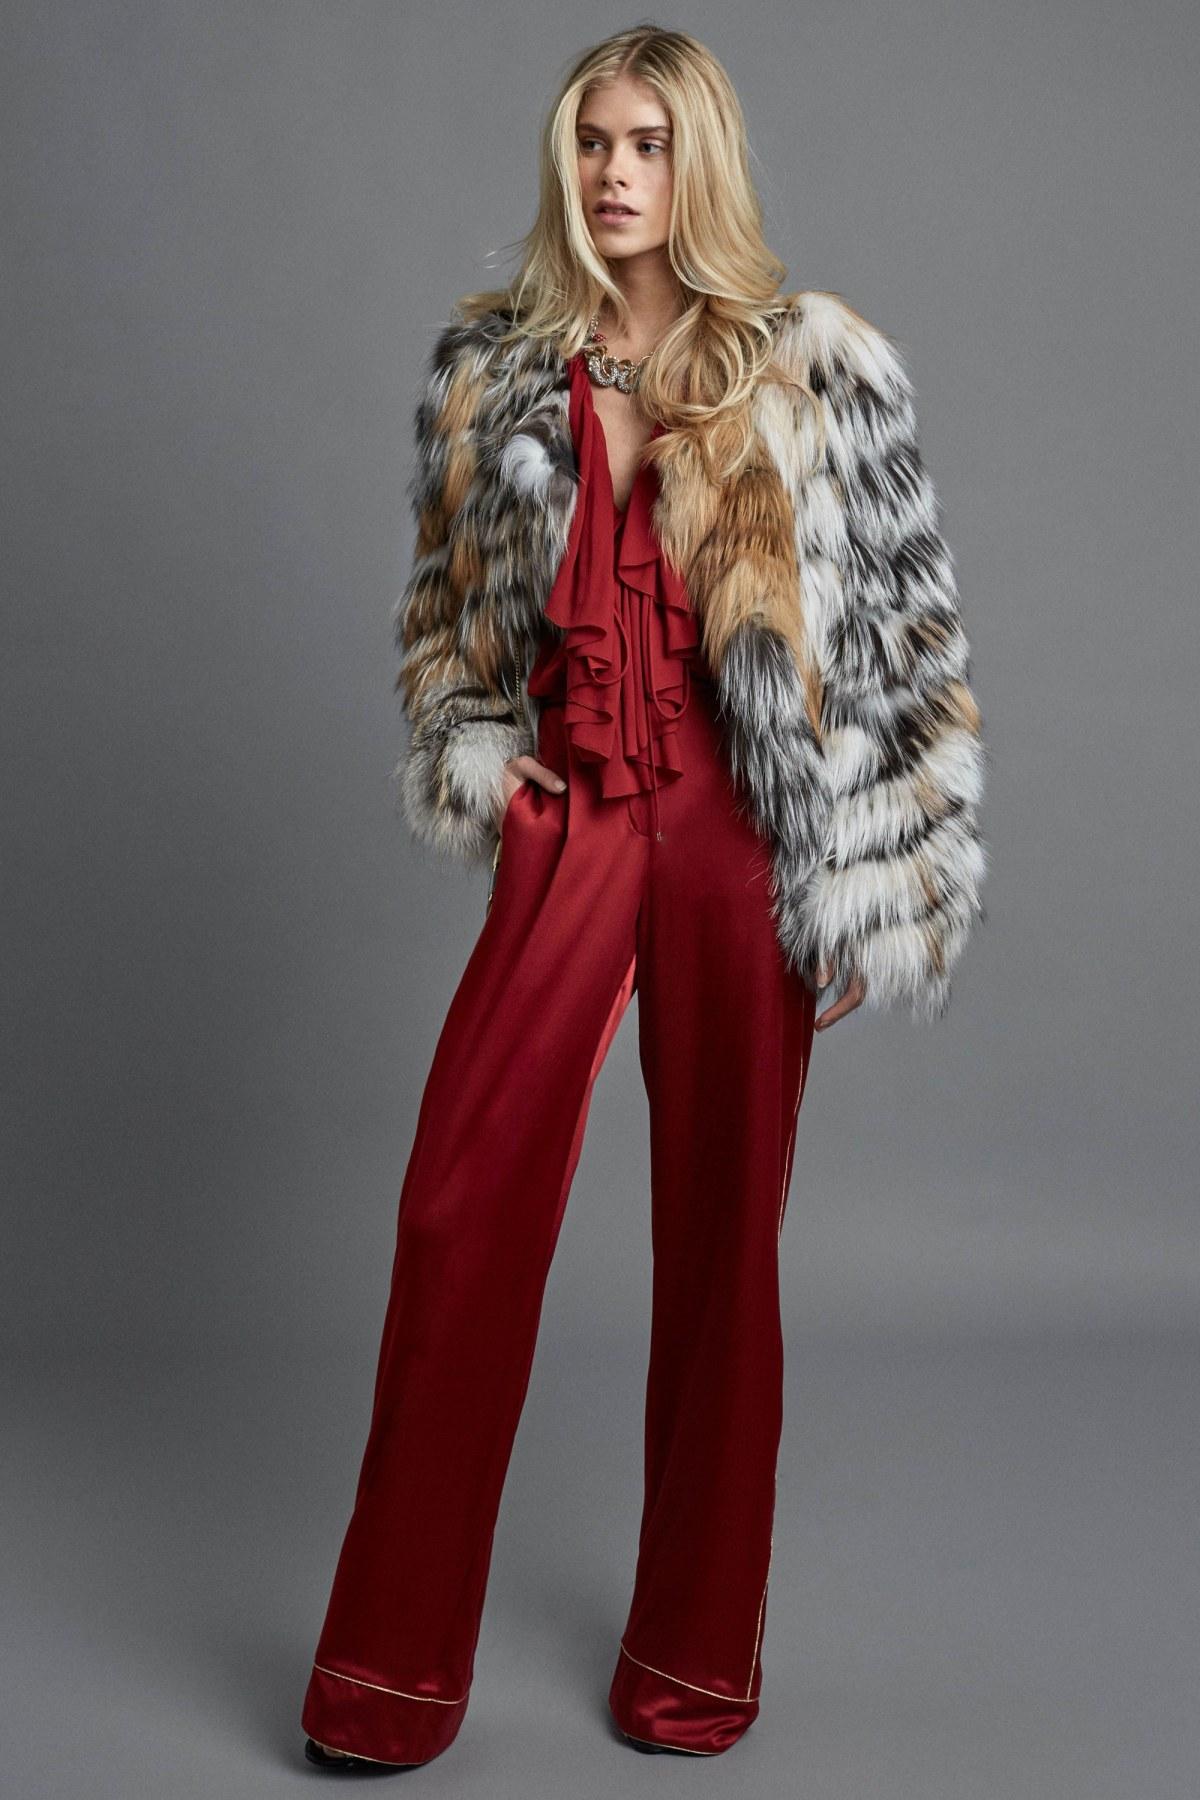 roberto-cavalli-pre-fall-2017-fashion-show-the-impression-20